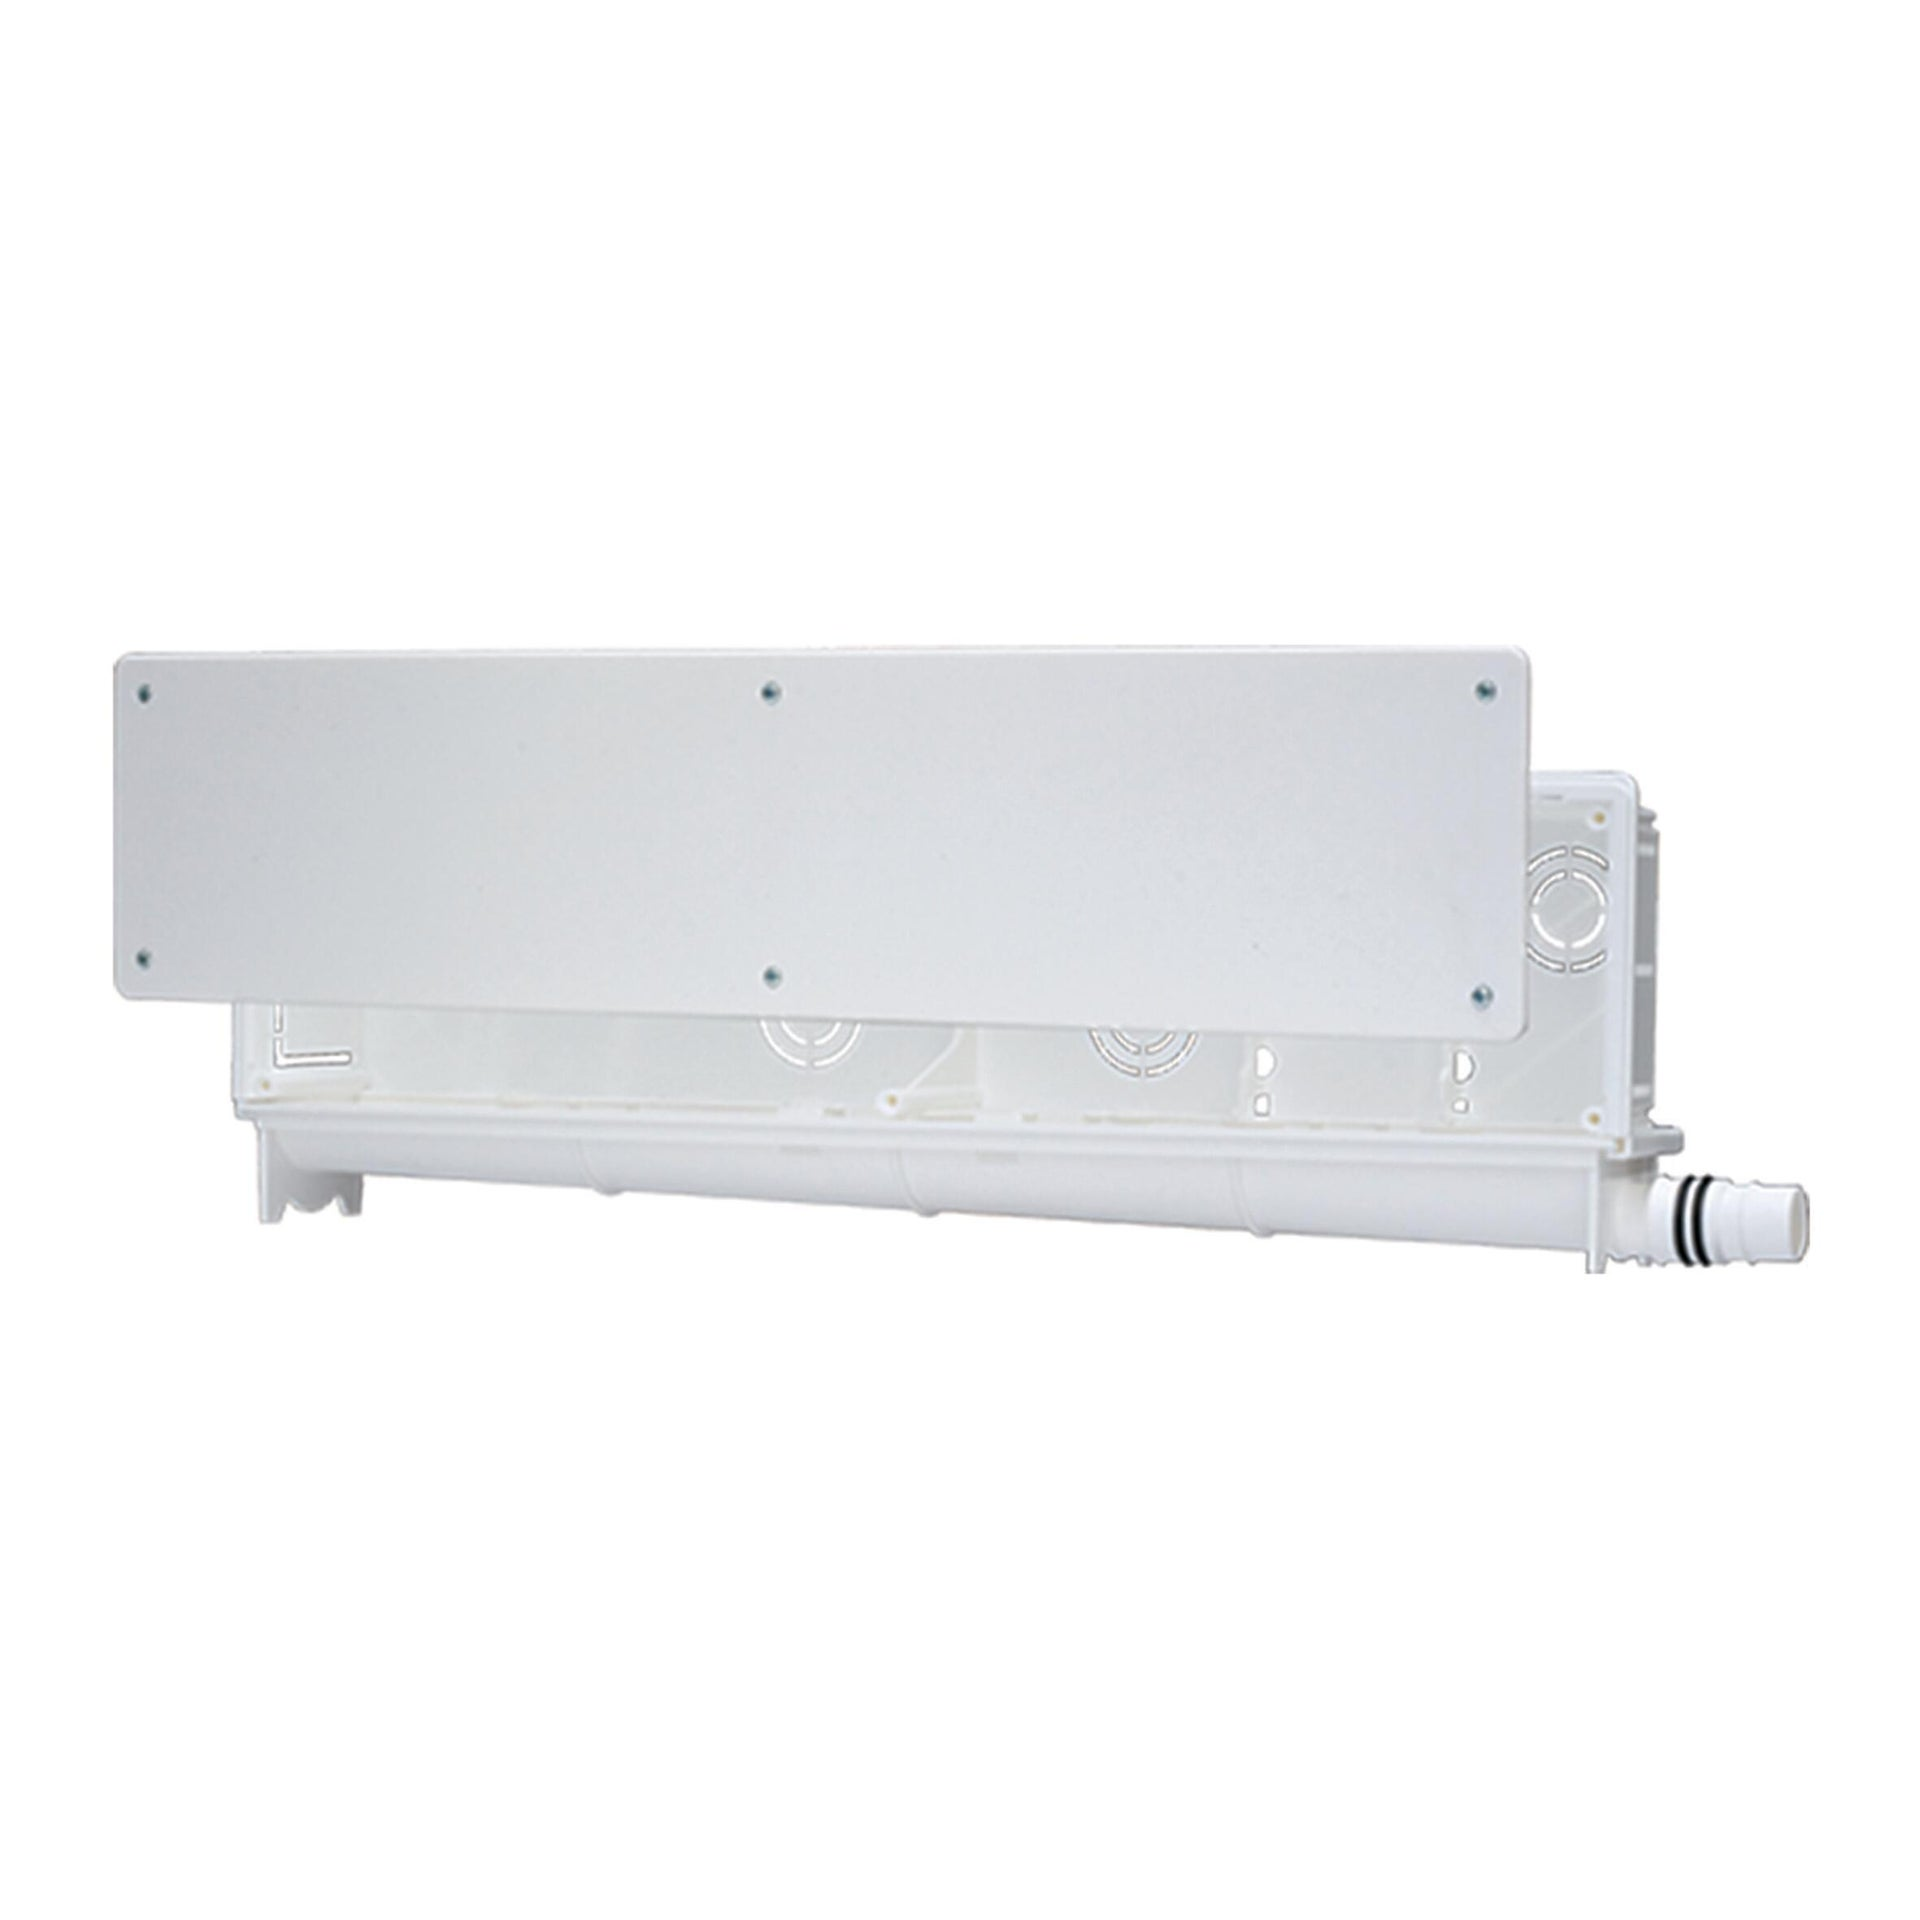 Scatola predisposizione climatizzatore 12.5 x 6 x 48.5 cm